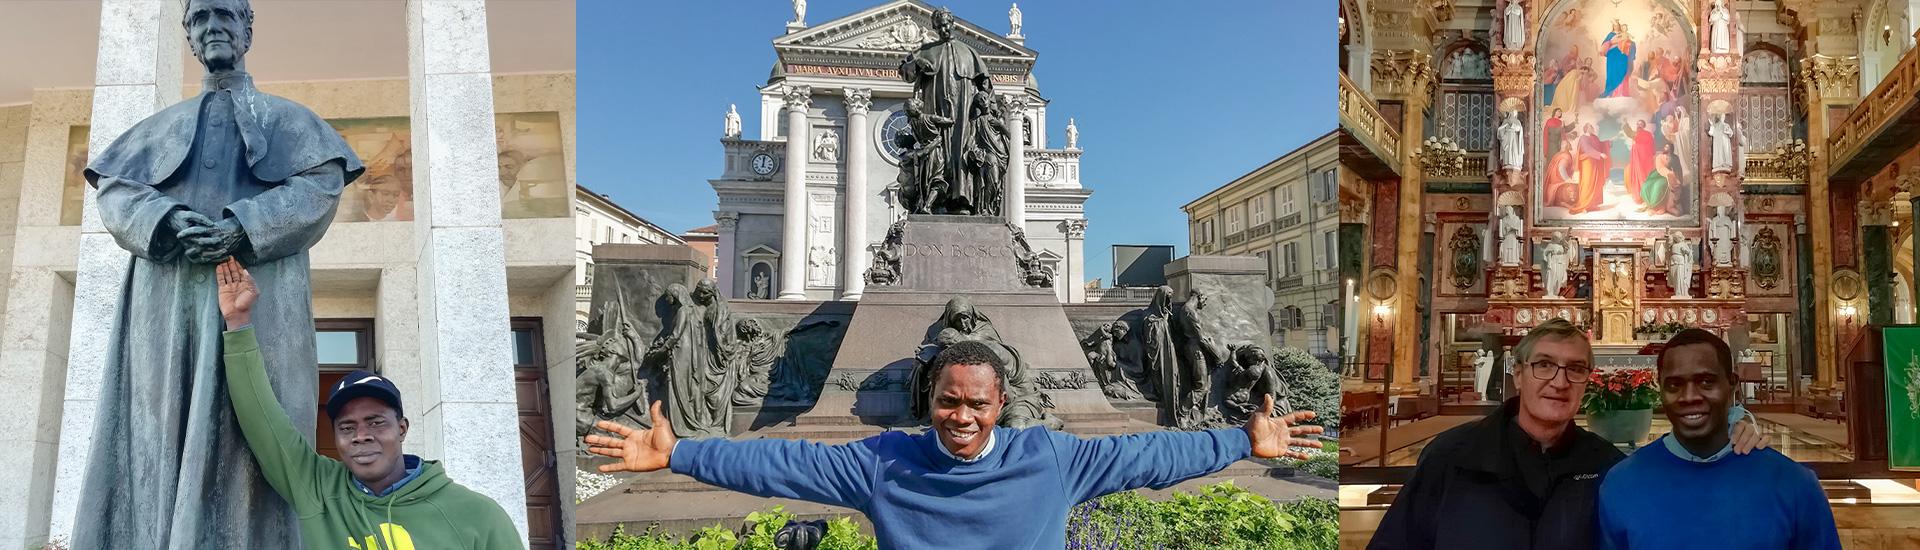 """""""Es uno de los días más felices de mi vida"""". Chennor cumple su sueño de conocer los lugares de Don Bosco en Turín"""